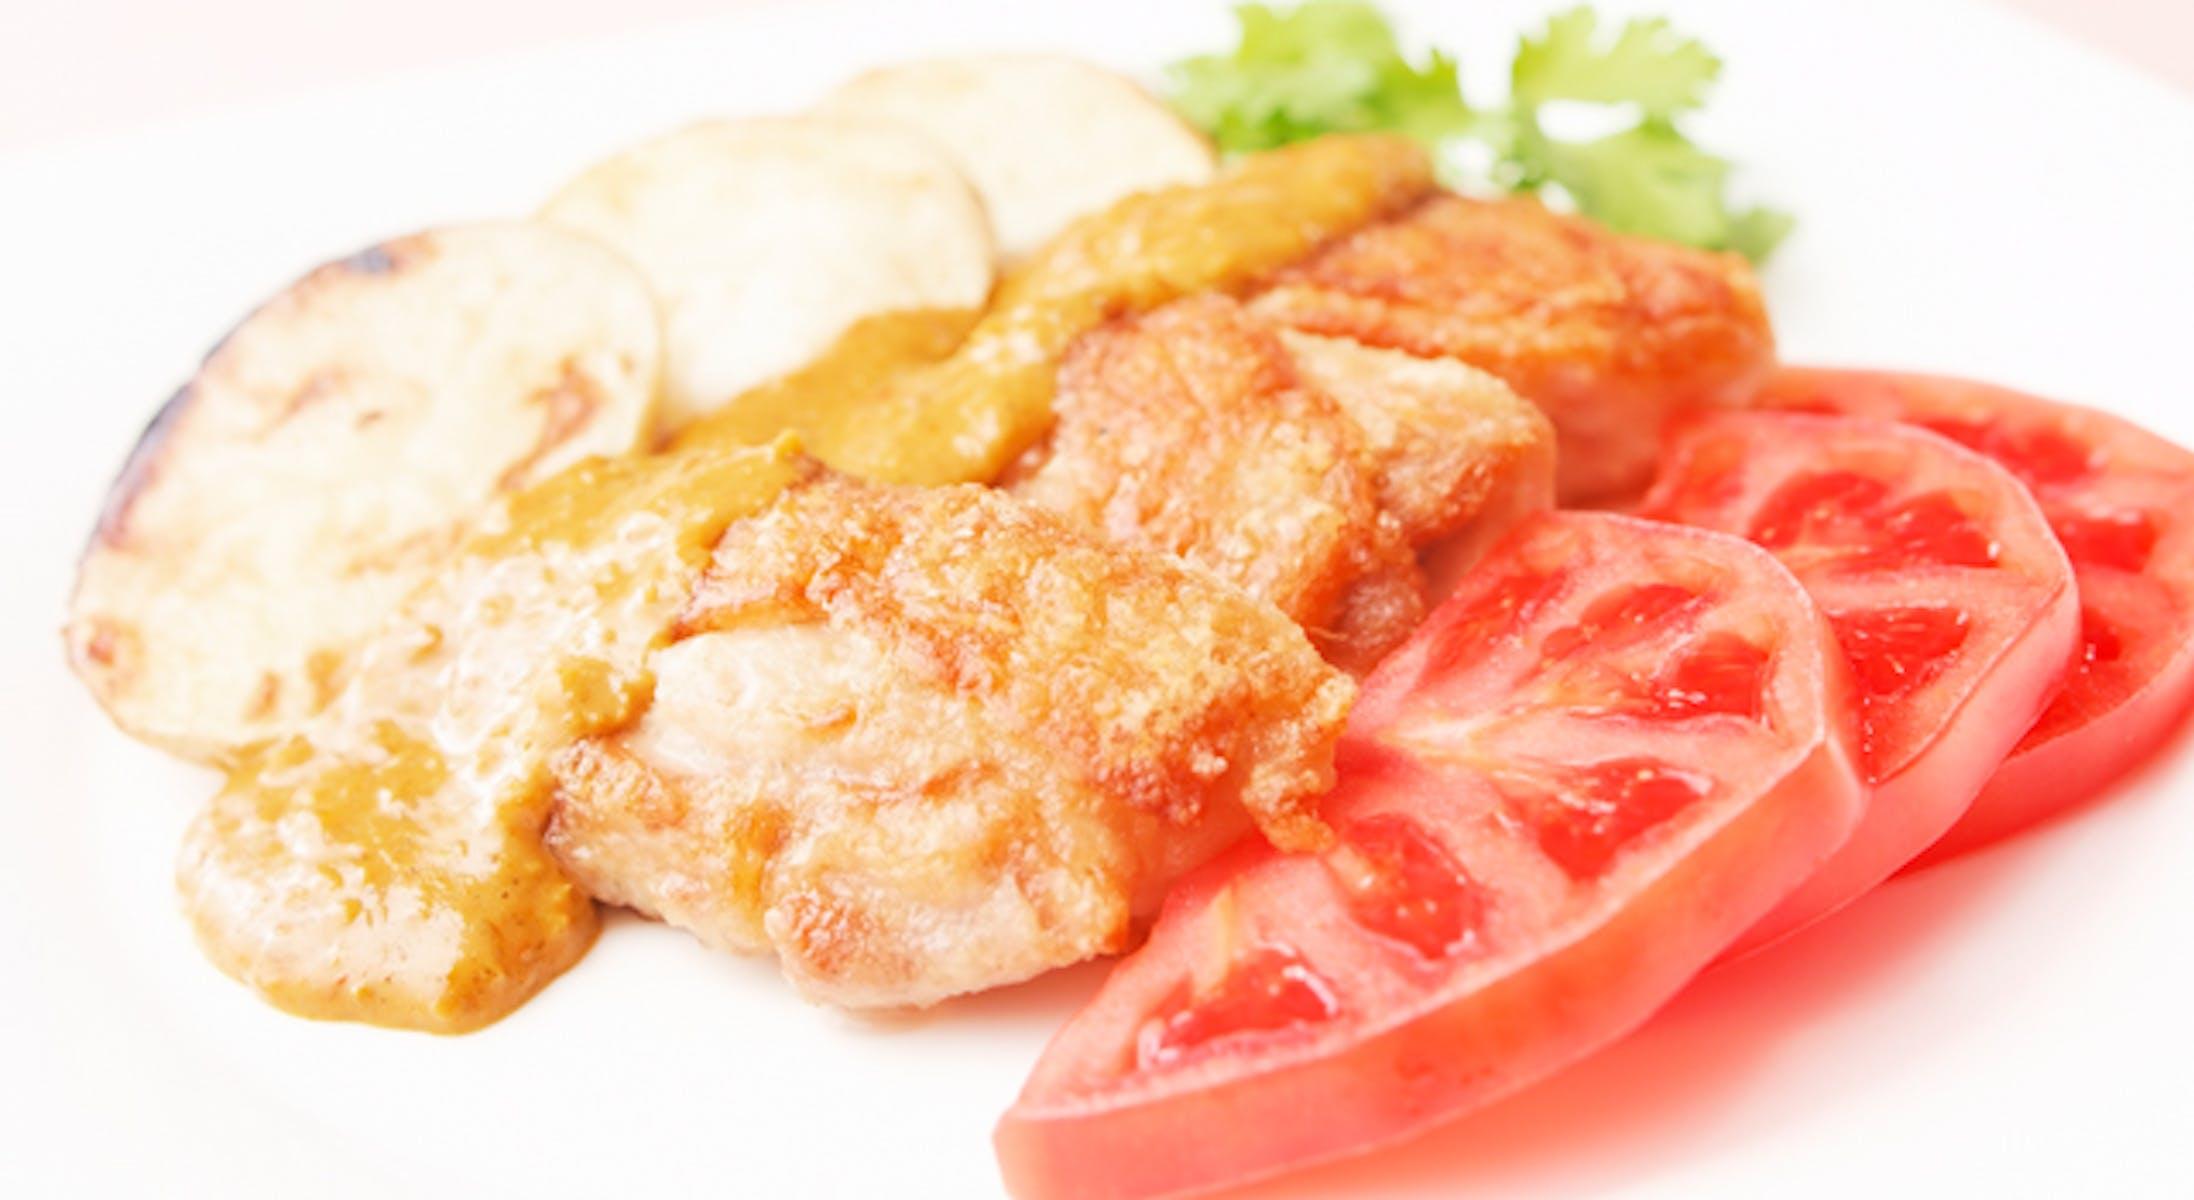 鶏肉の炒り焼きのカレーソースがけ